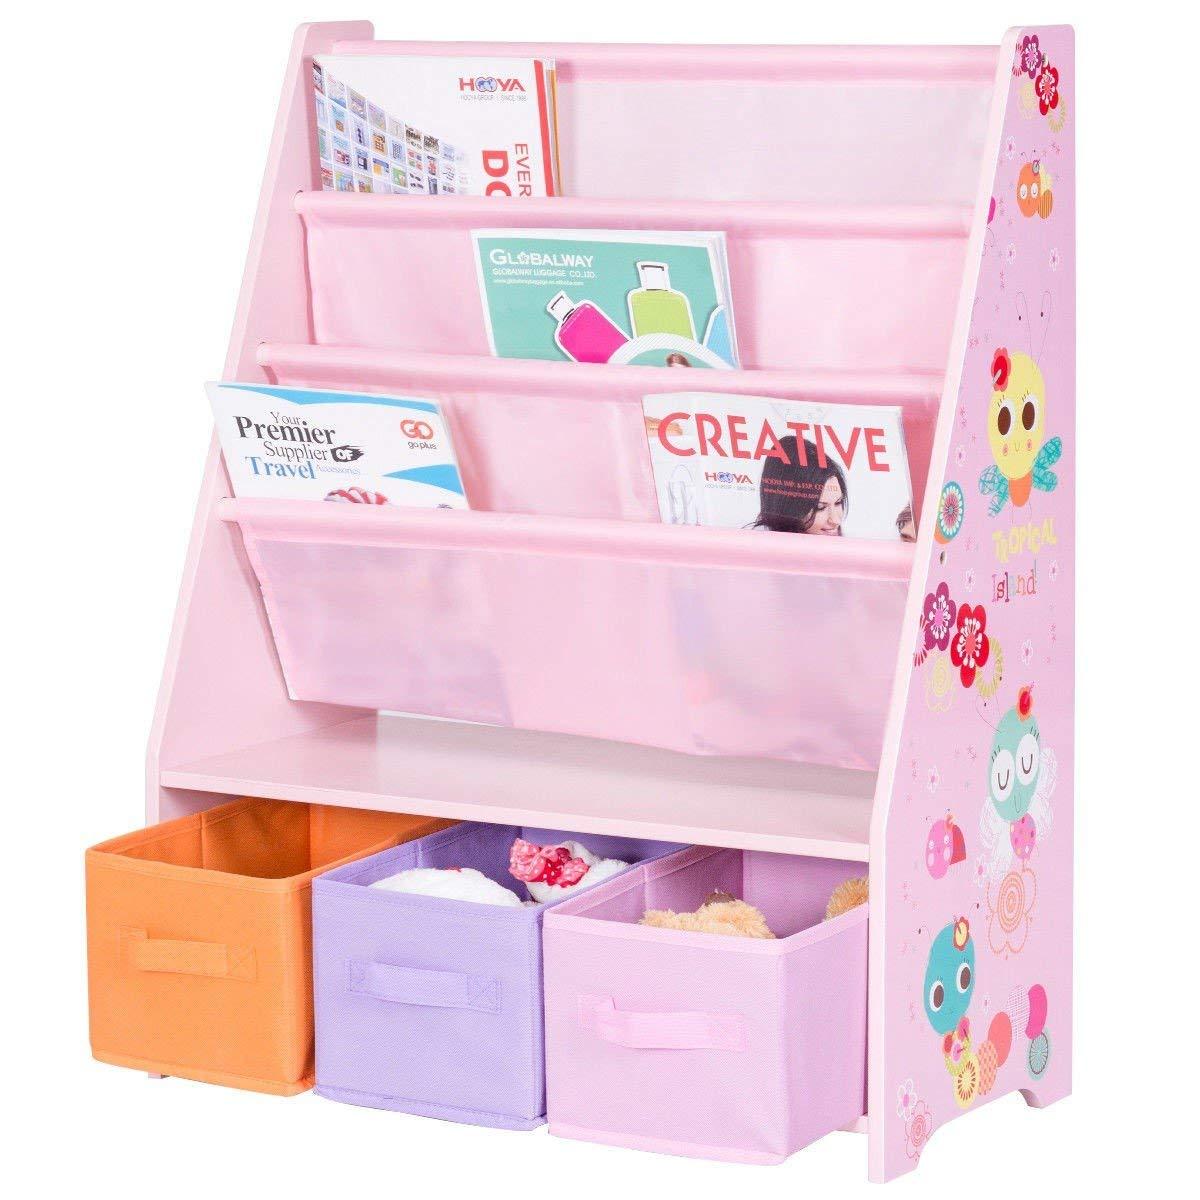 Cheap Kids Bookshelf With Storage Find Kids Bookshelf With